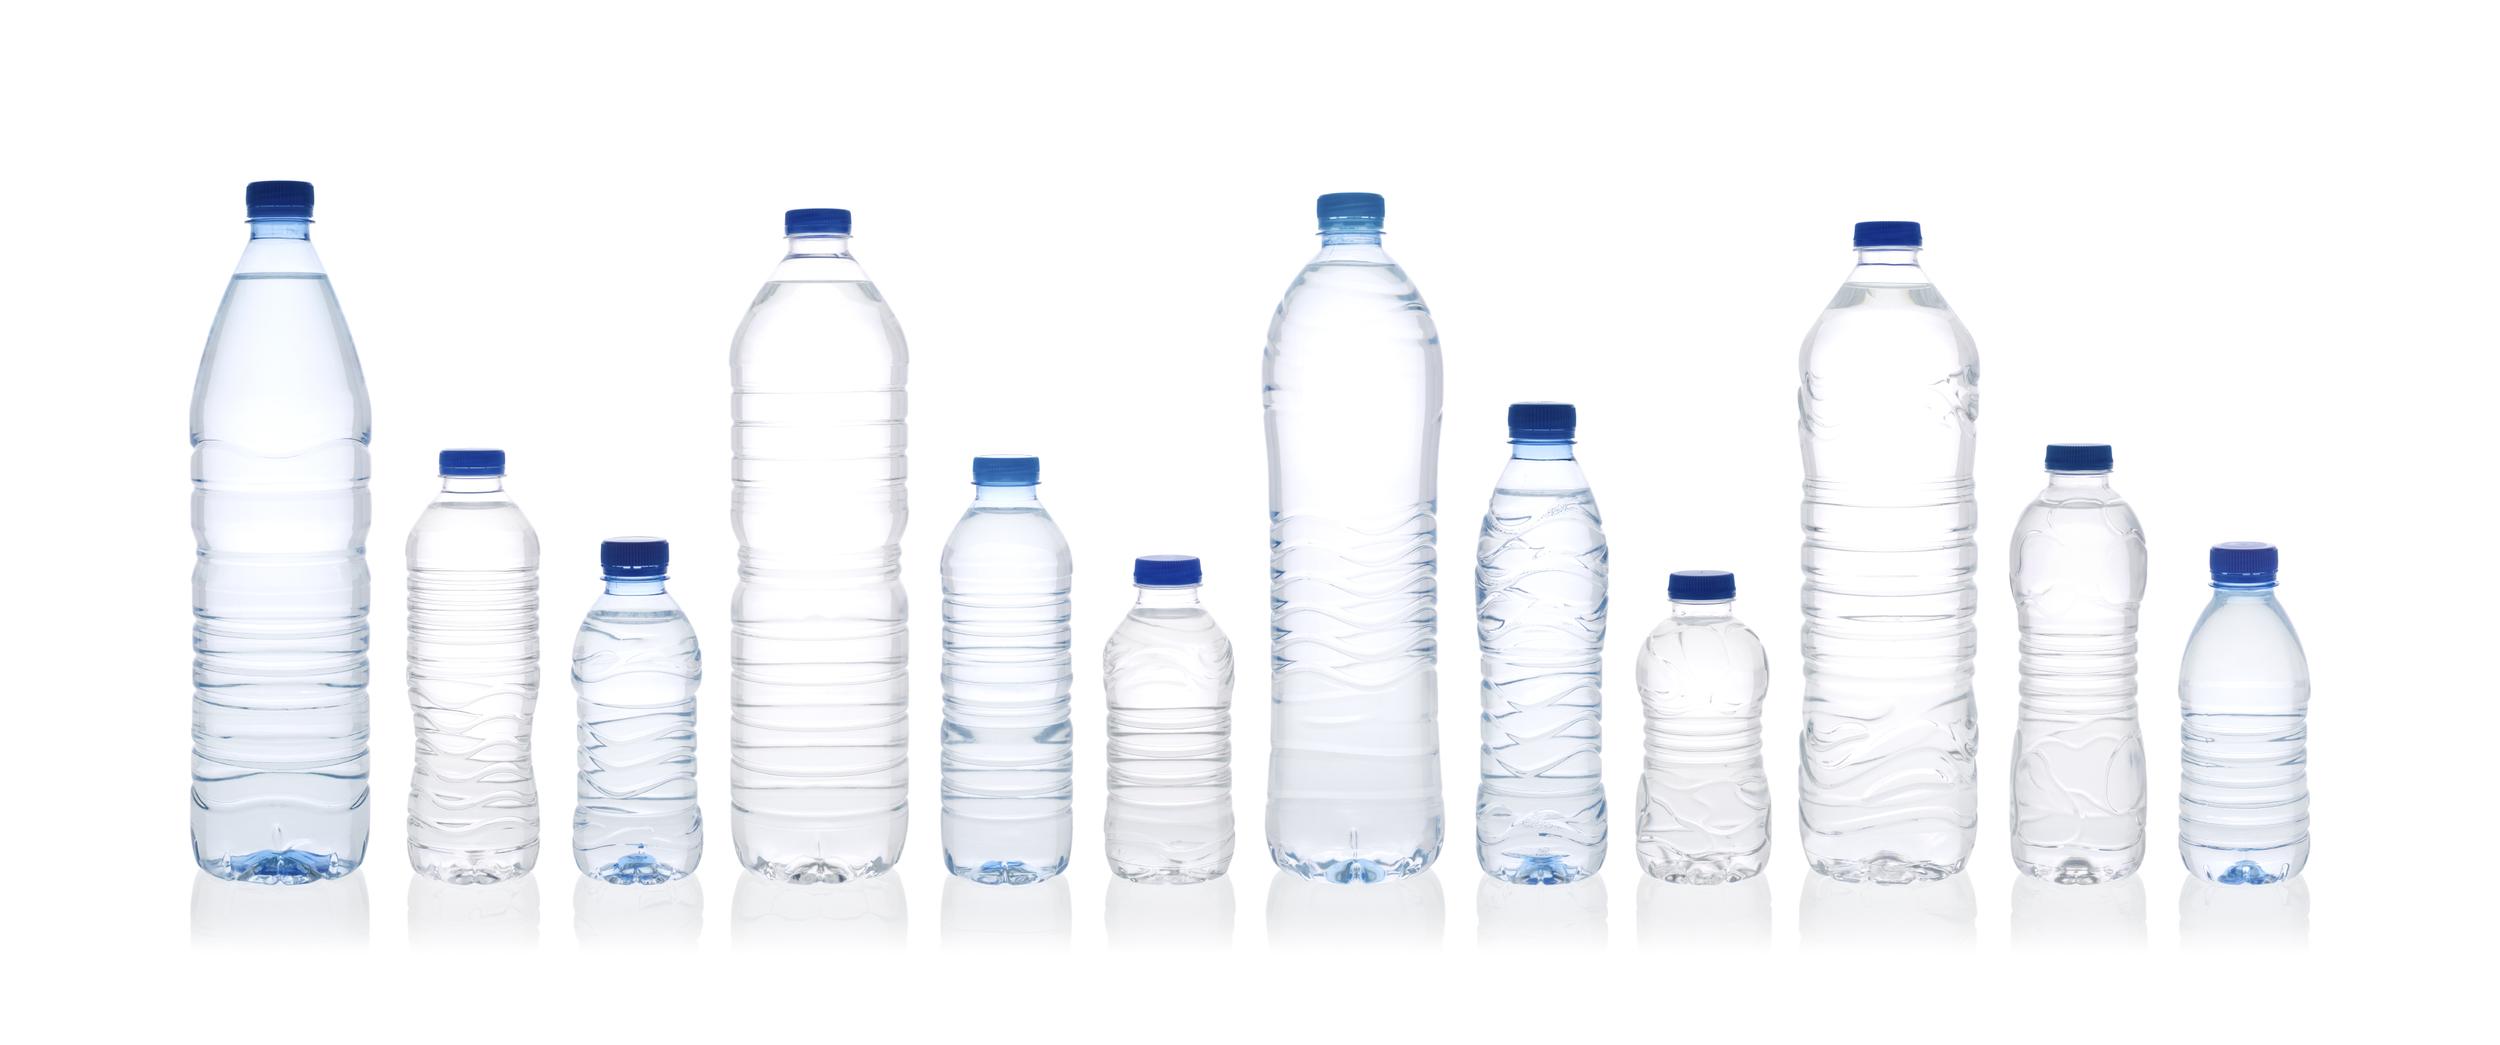 istock-bottled-water.jpg